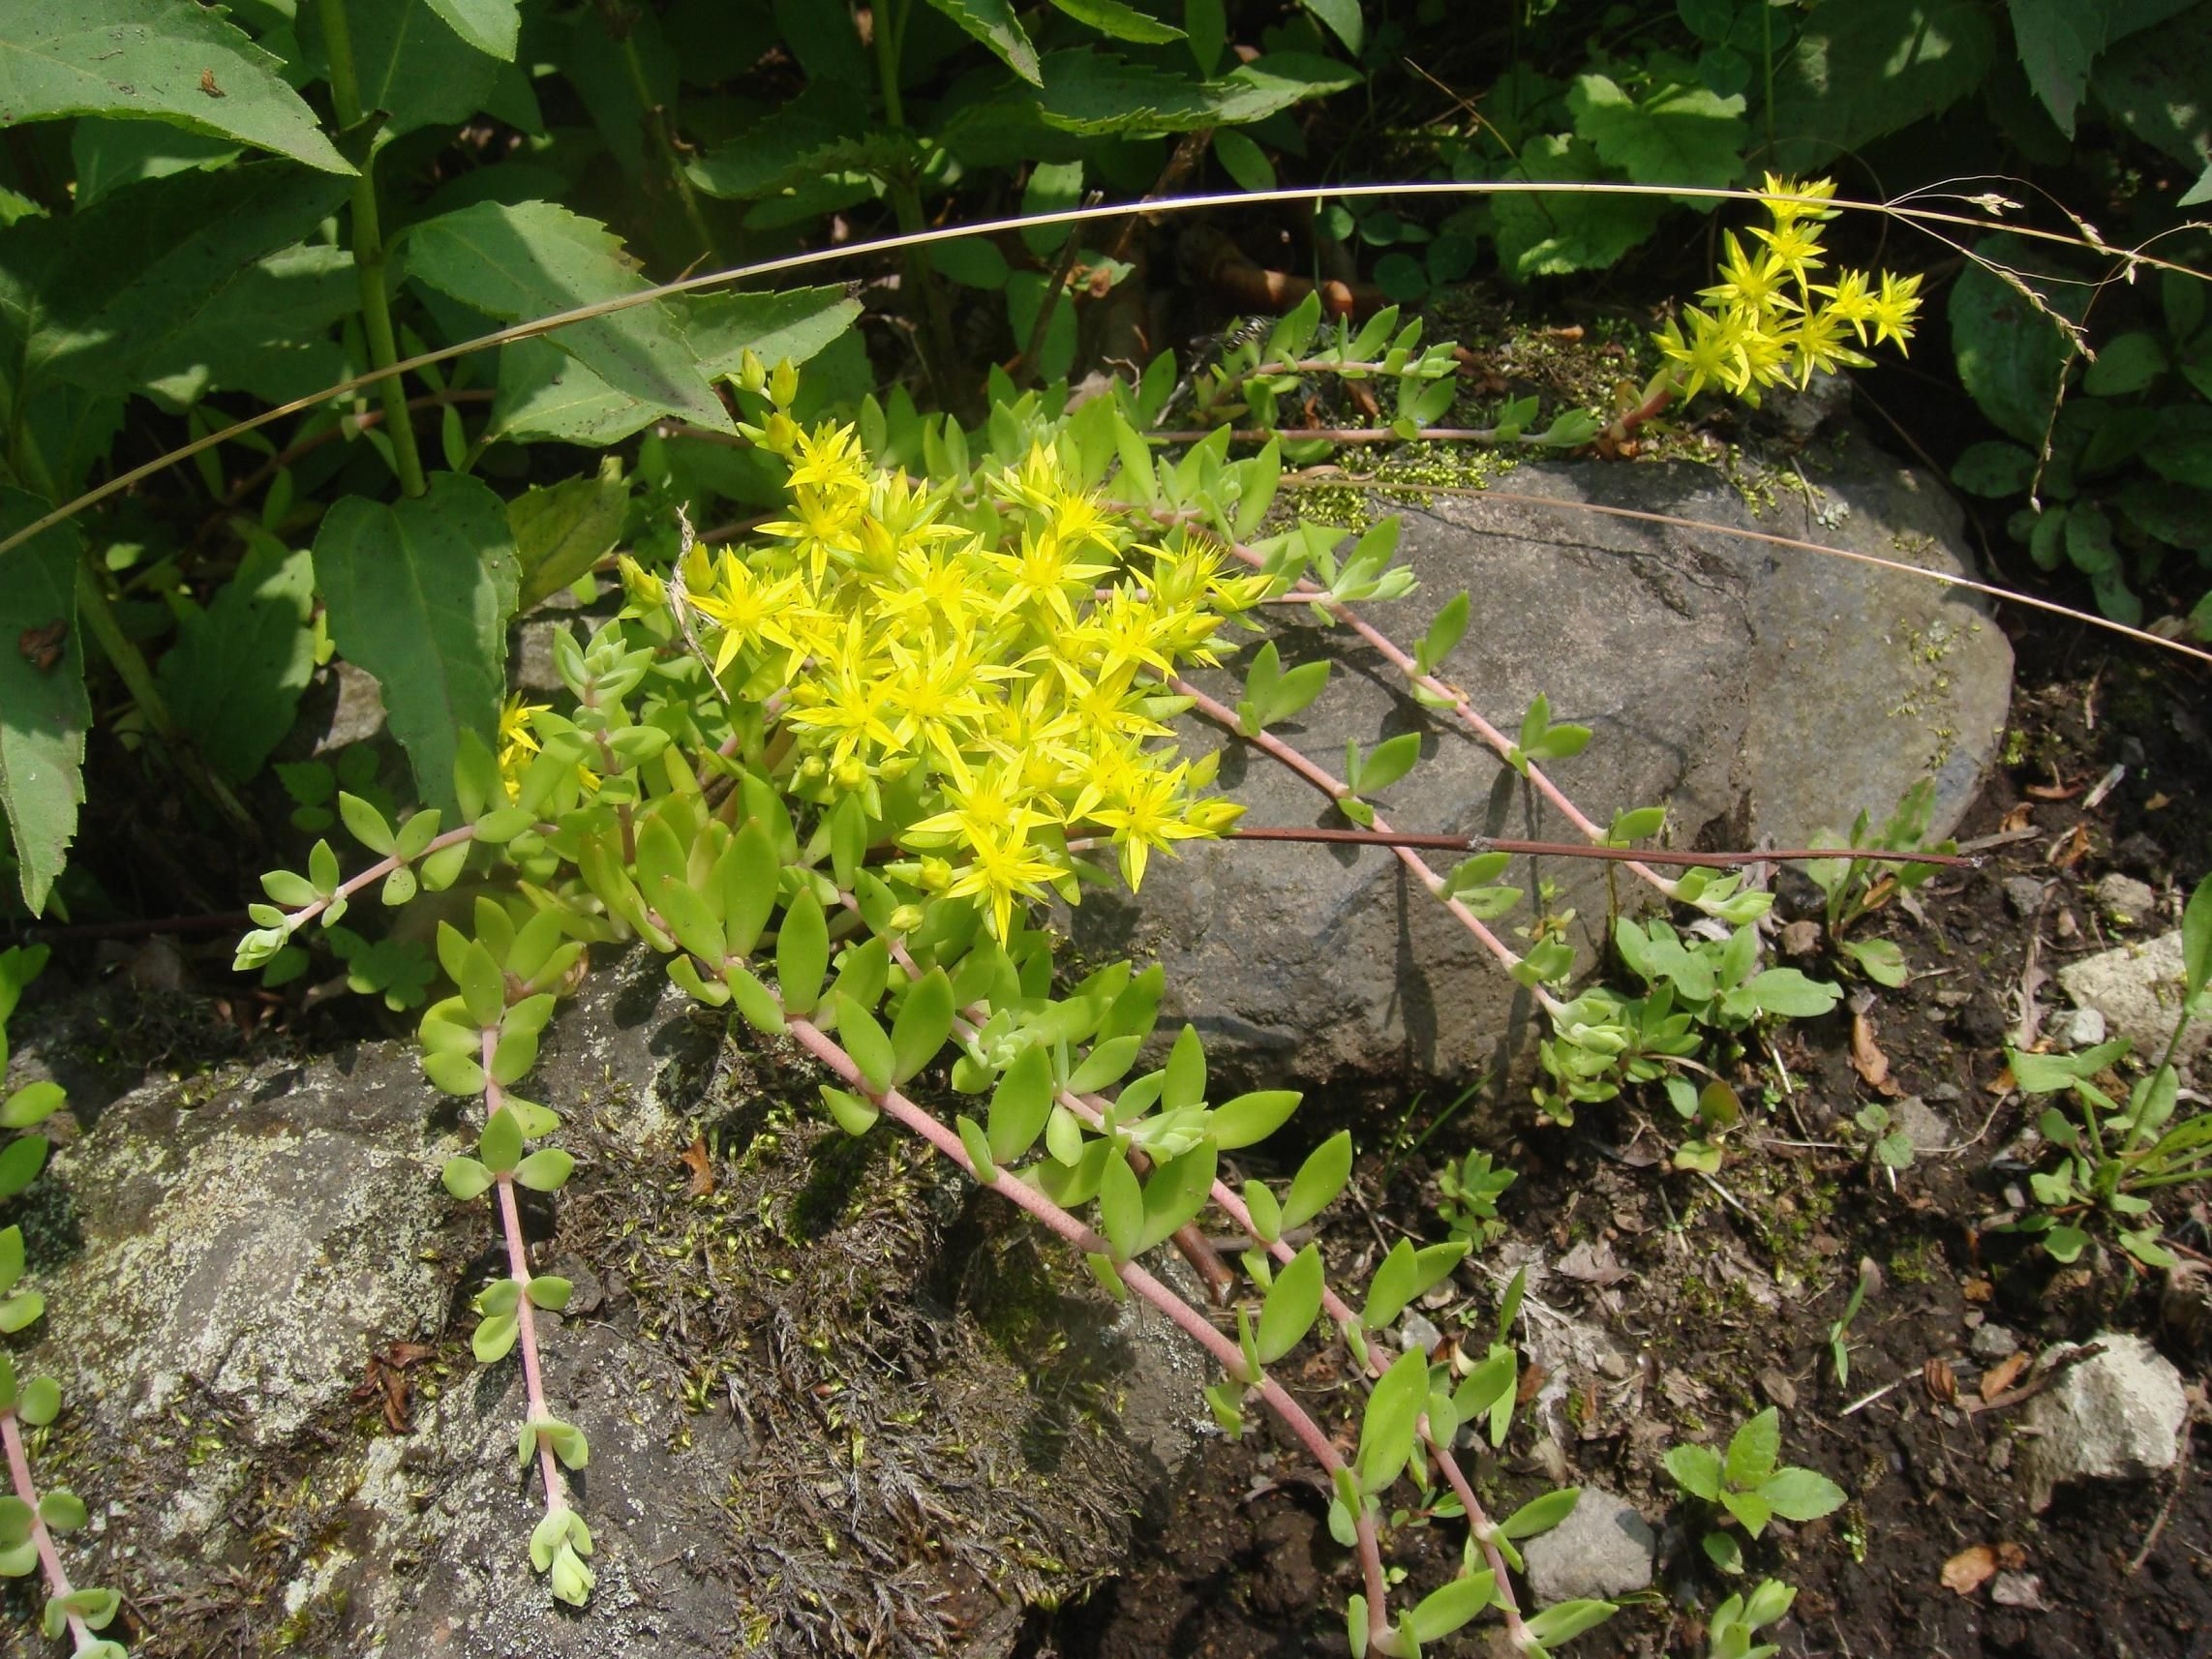 Creeping sedum with yellow flowers sedum sarmentosum outdoor creeping sedum with yellow flowers sedum sarmentosum mightylinksfo